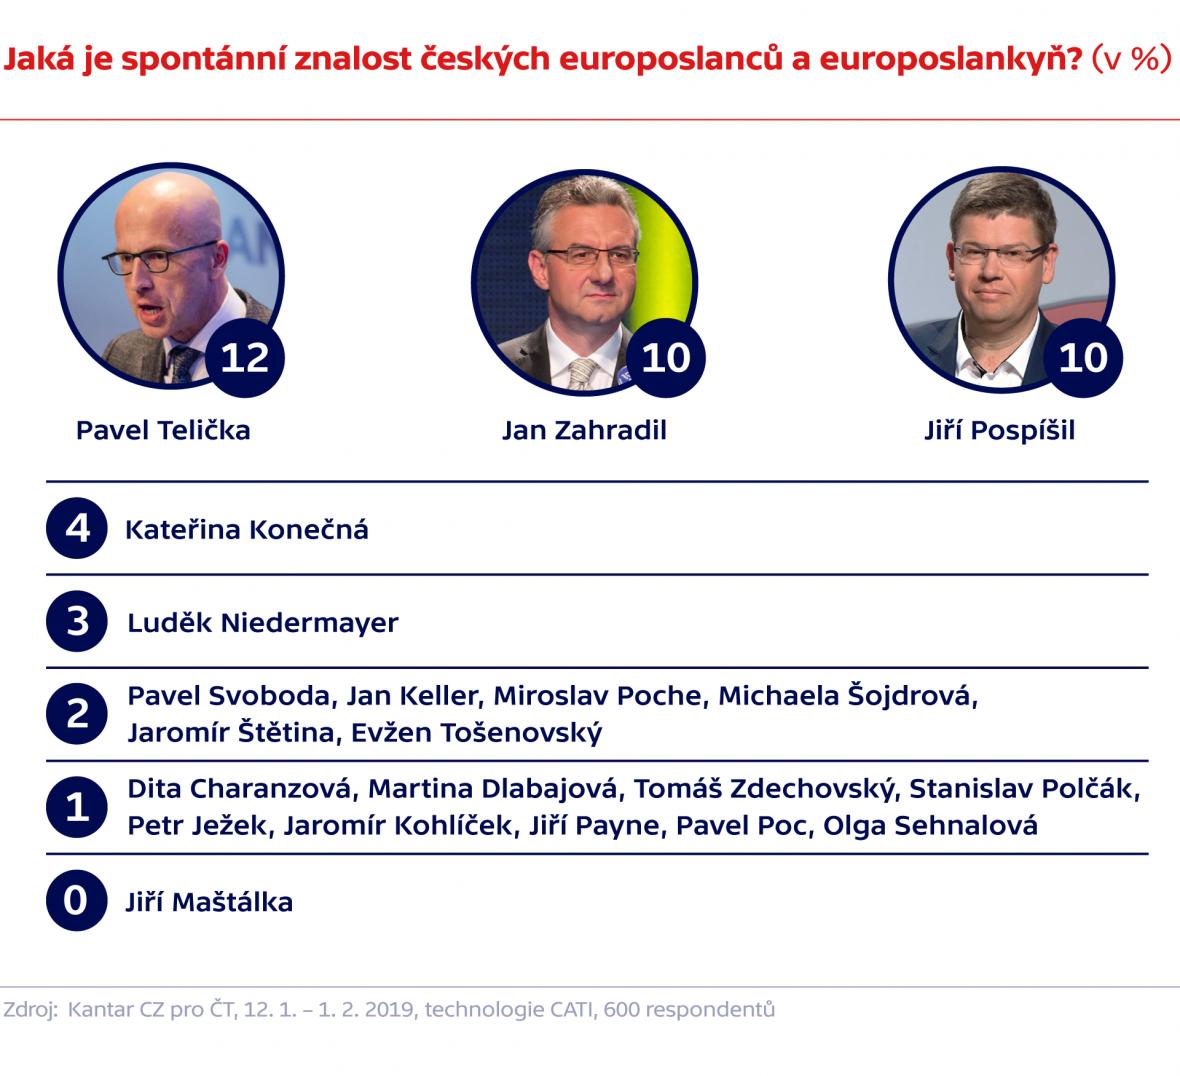 Jaká je spontánní znalost českých europoslanců a europoslankyň? (v %)